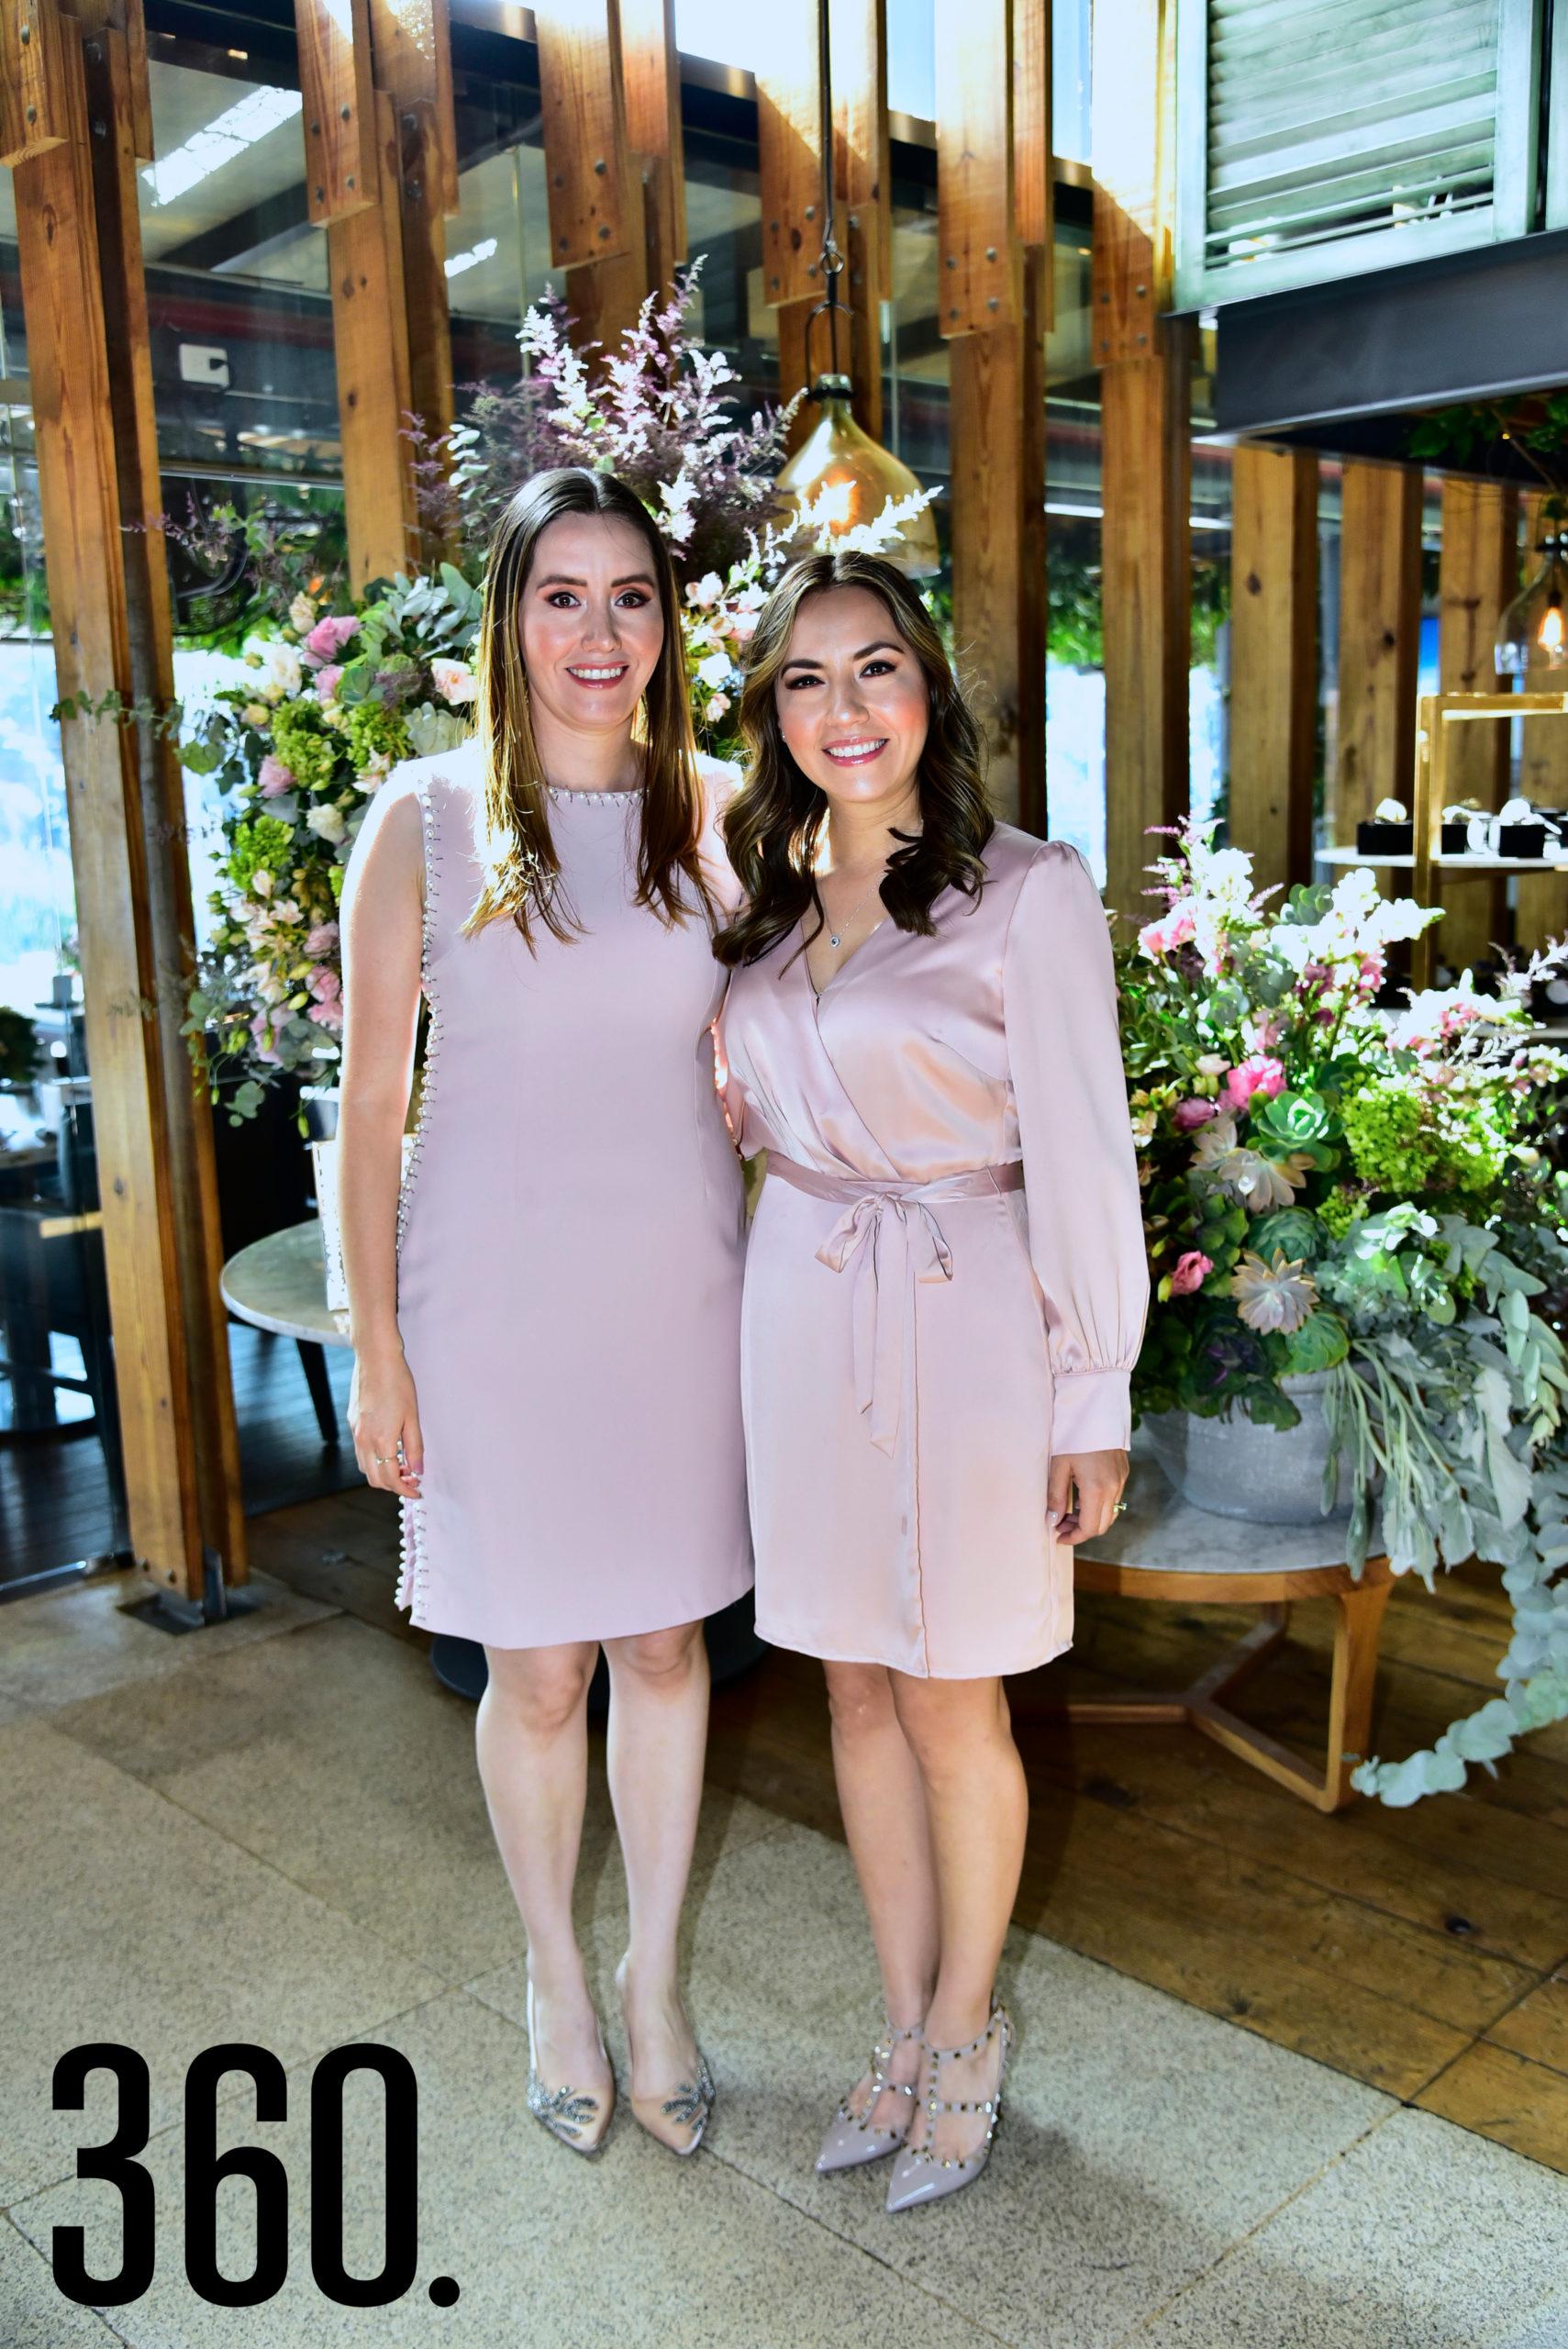 Nadia Villanueva y Cynthia Villanueva Ramos.